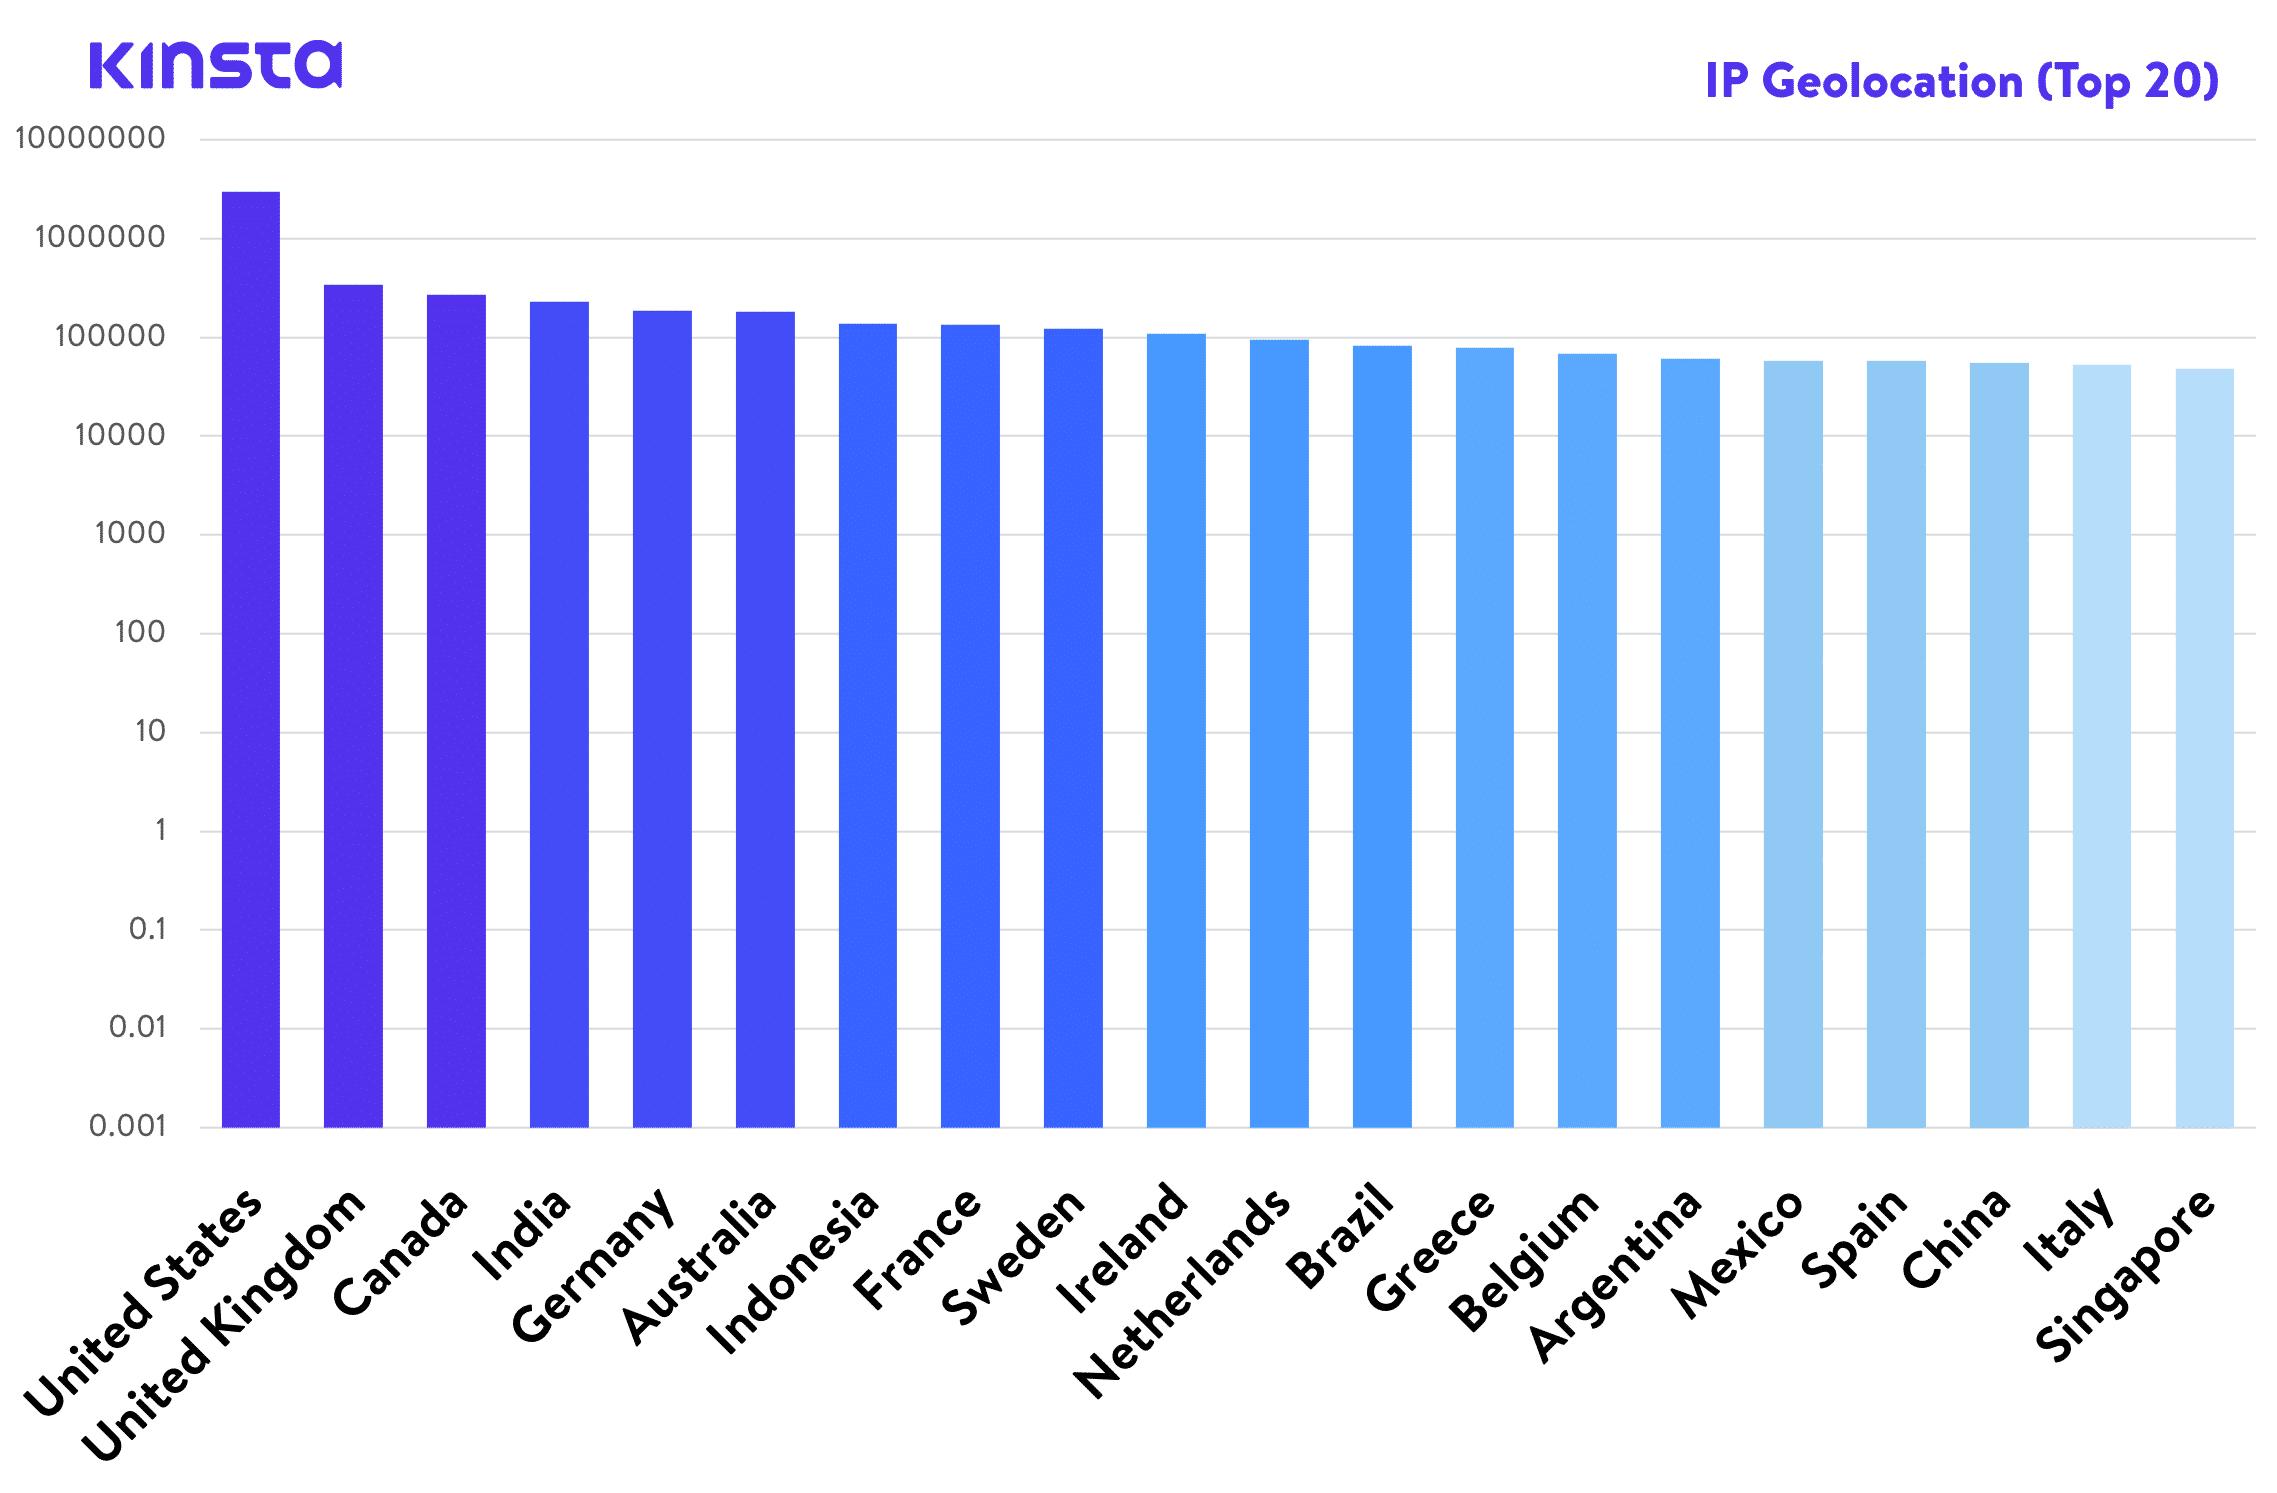 Estadísticas de geolocalización de Kinsta IP